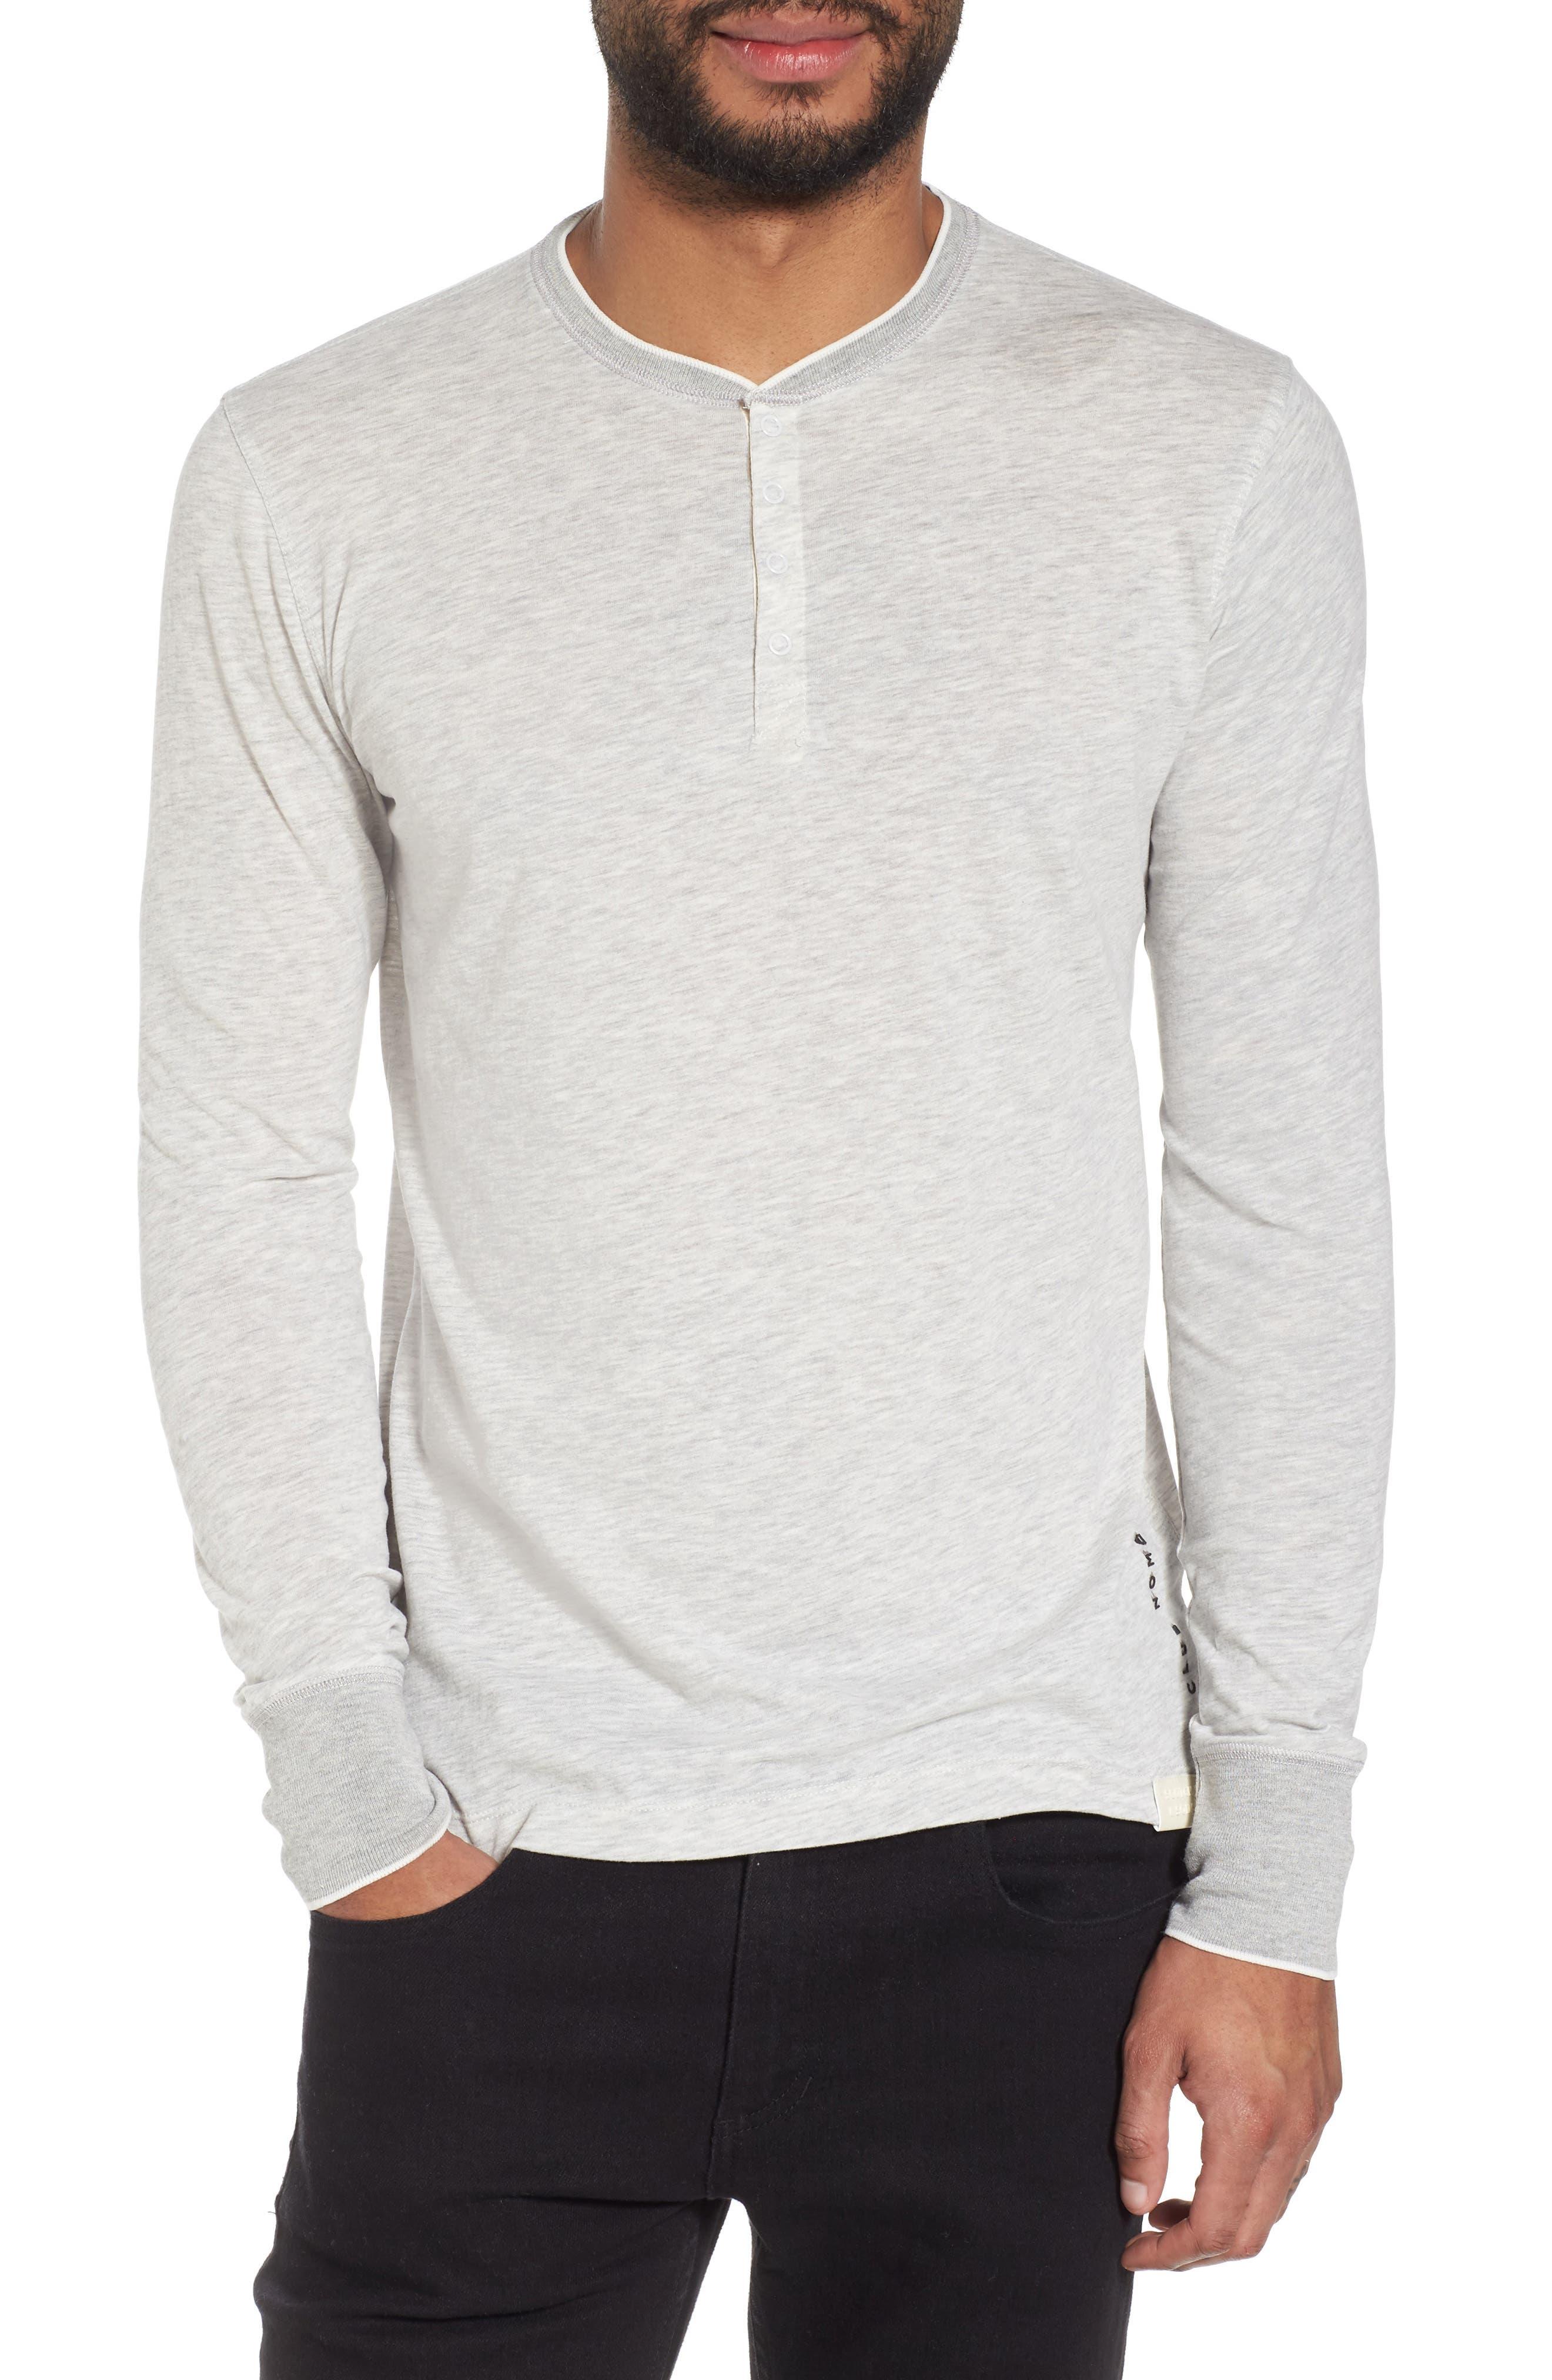 Club Nomade Soft Granddad T-Shirt,                         Main,                         color, Grey Melange